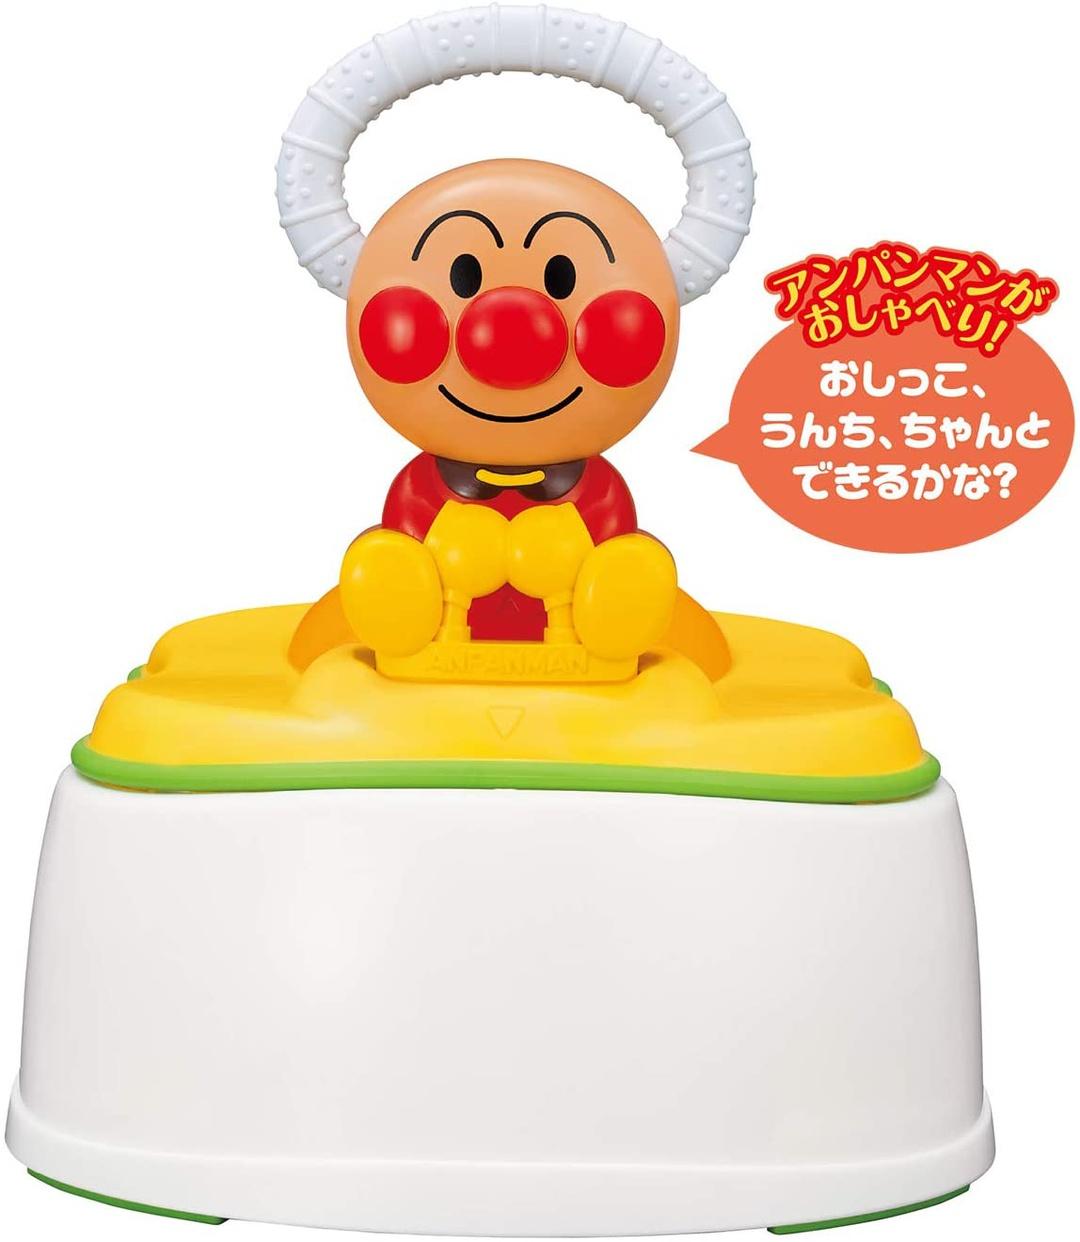 PINOCCHIO(ピノチオ) アンパンマン 6WAYおまる おしゃべり・メロディ付きの商品画像2